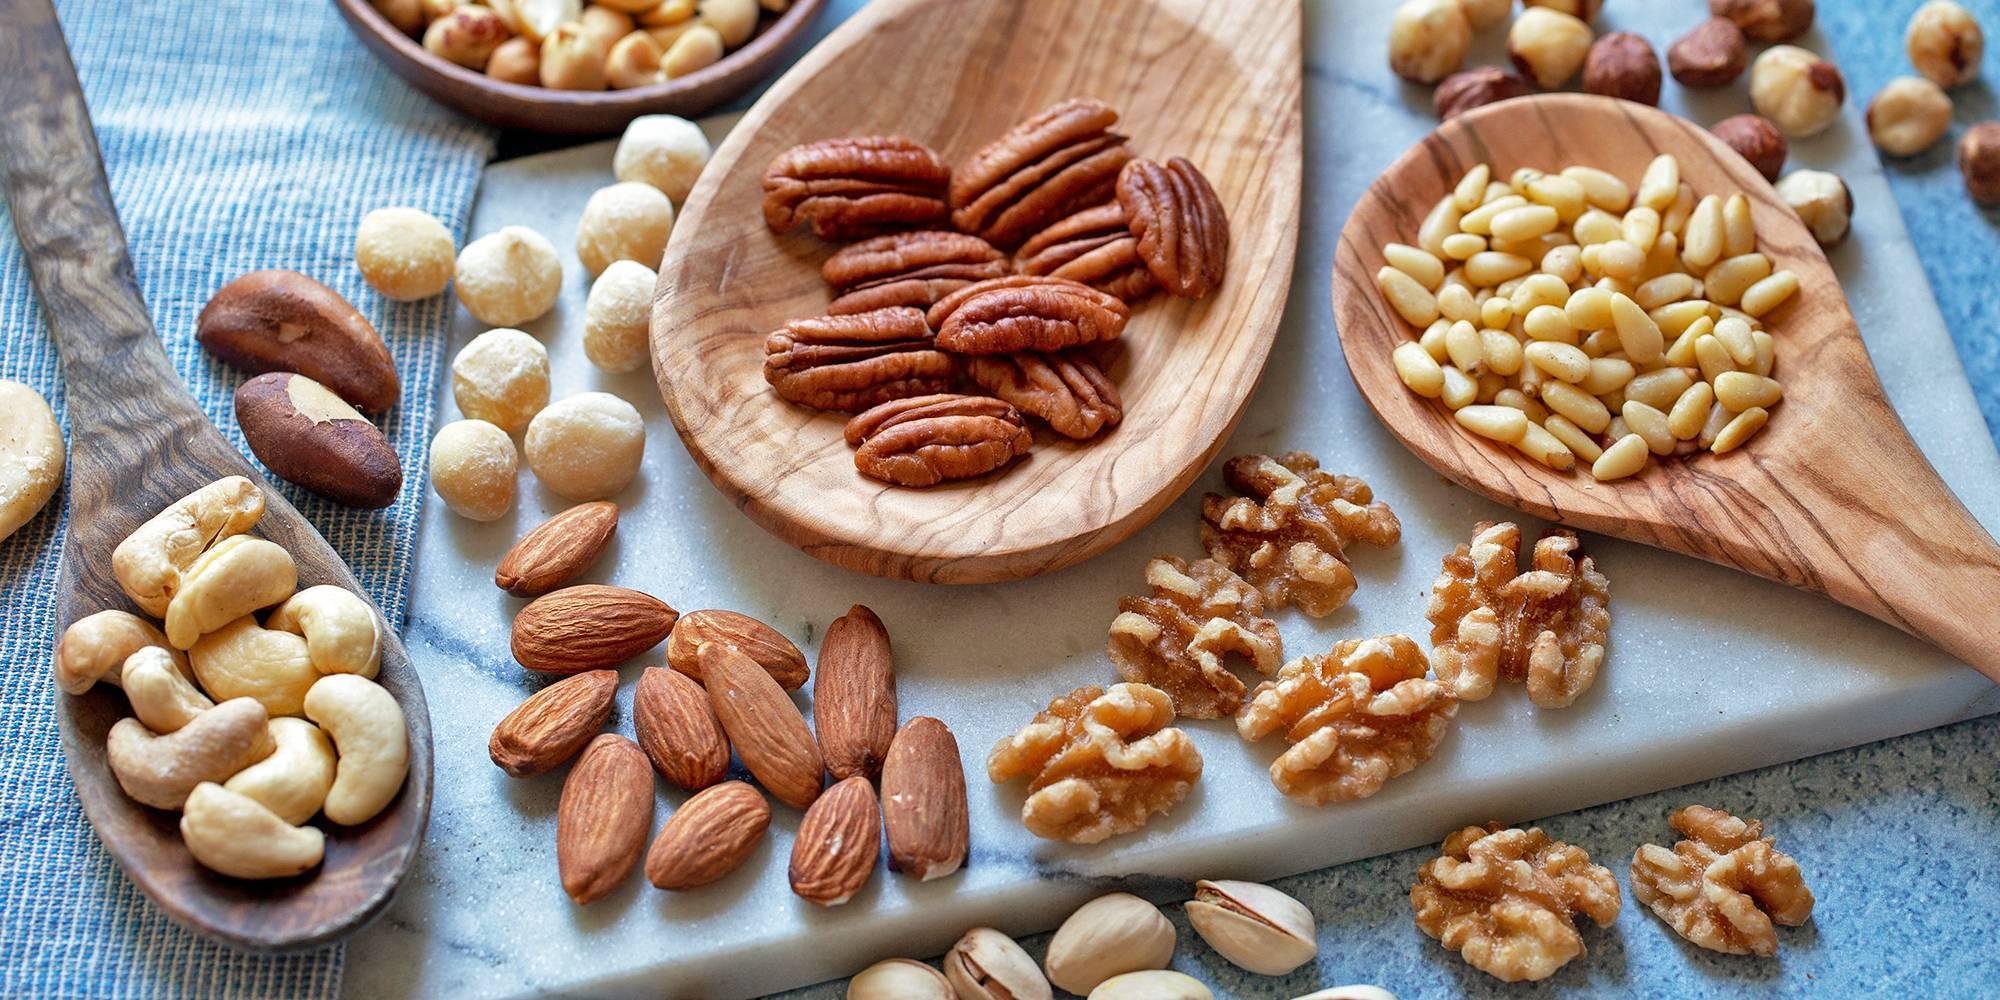 Орехи для потенции: самые полезные орехи для мужчин | mansecret